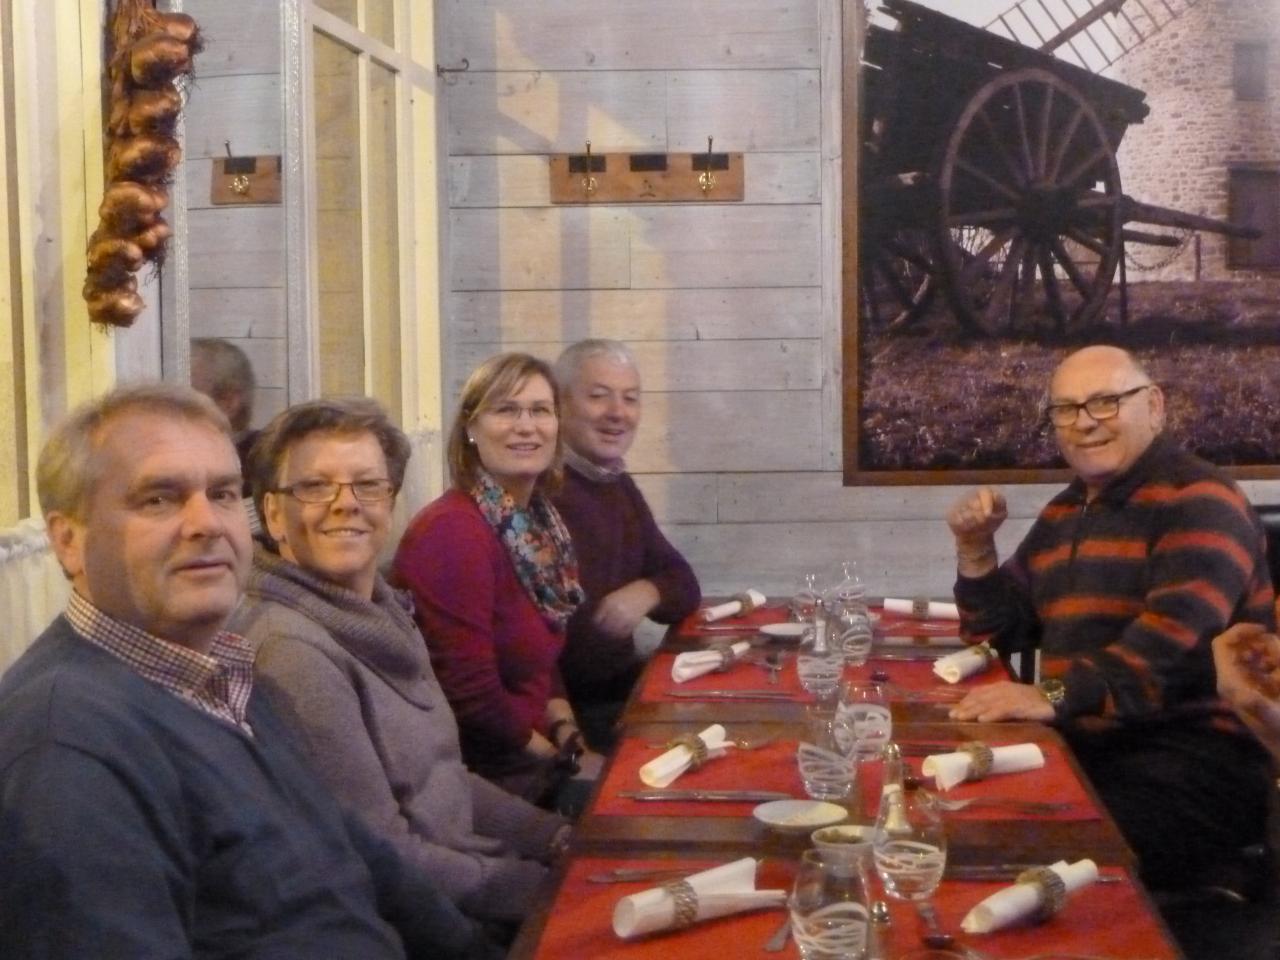 Repas du Vendredi 6 décembre 2013 au Bistrot du Terroirl